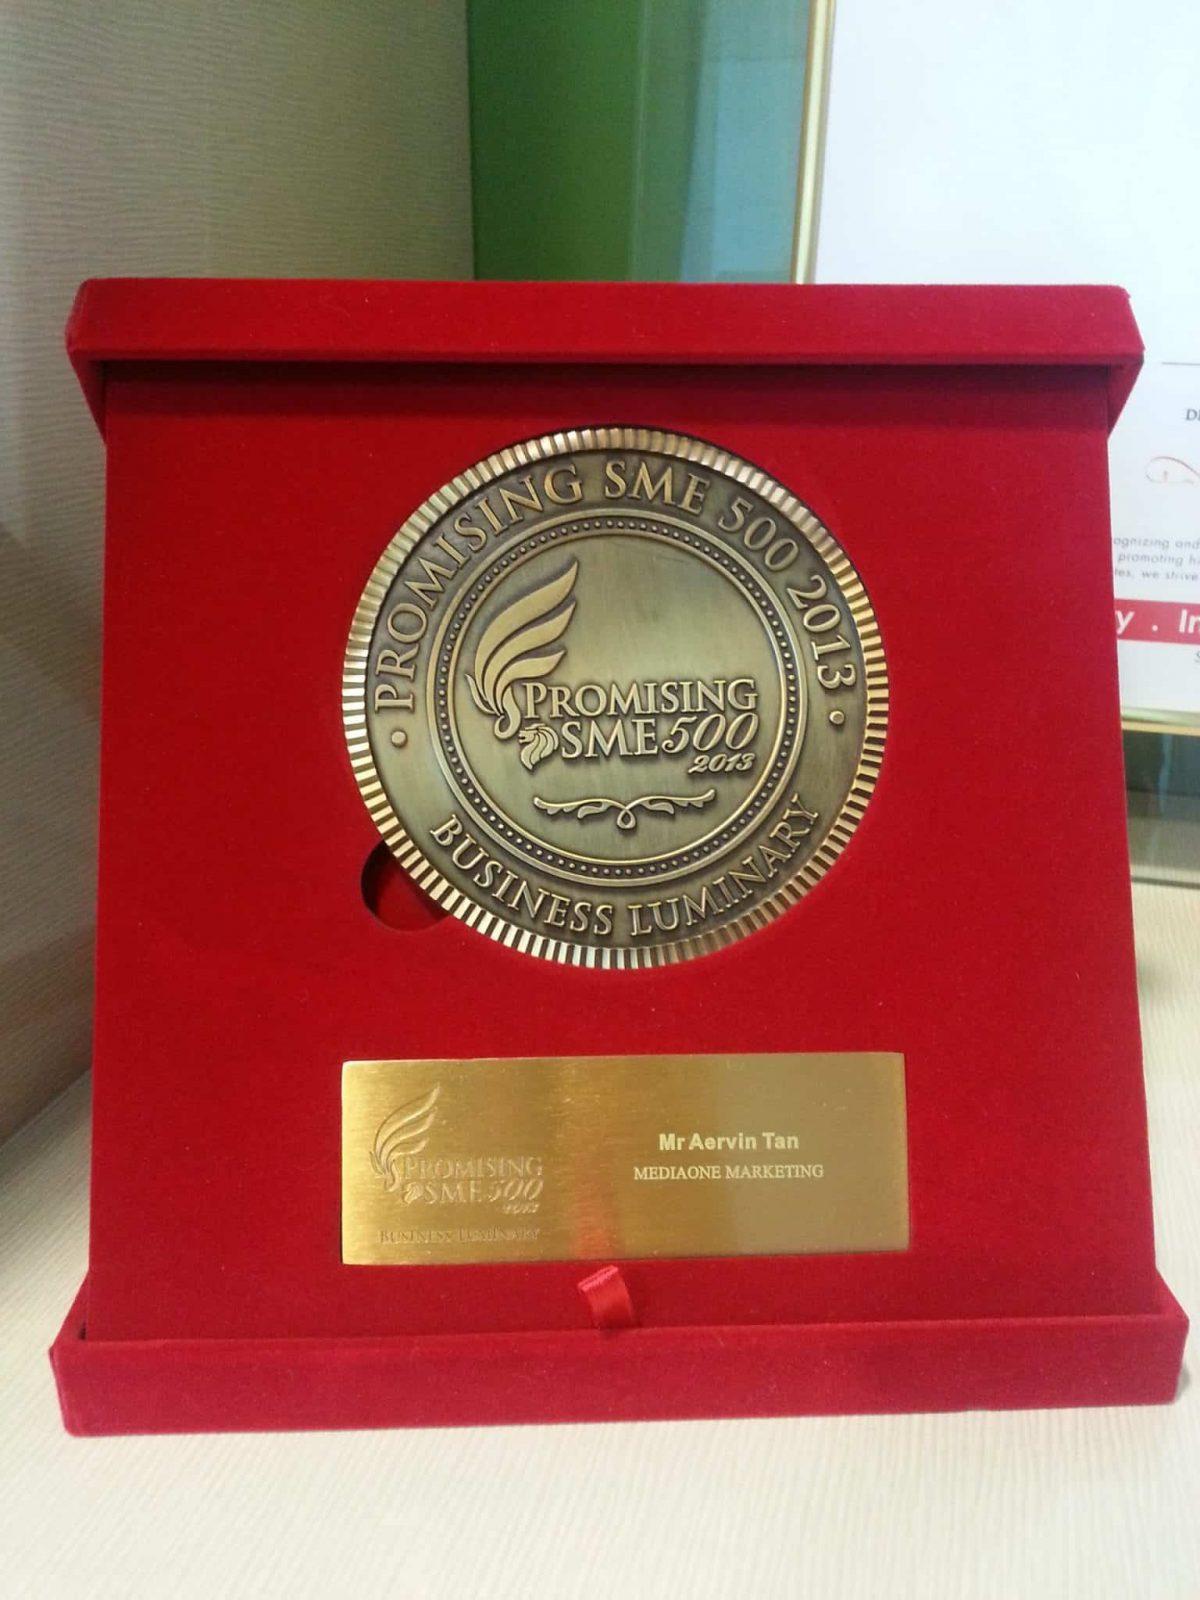 Proud Recipient of Promising SME 500 Award